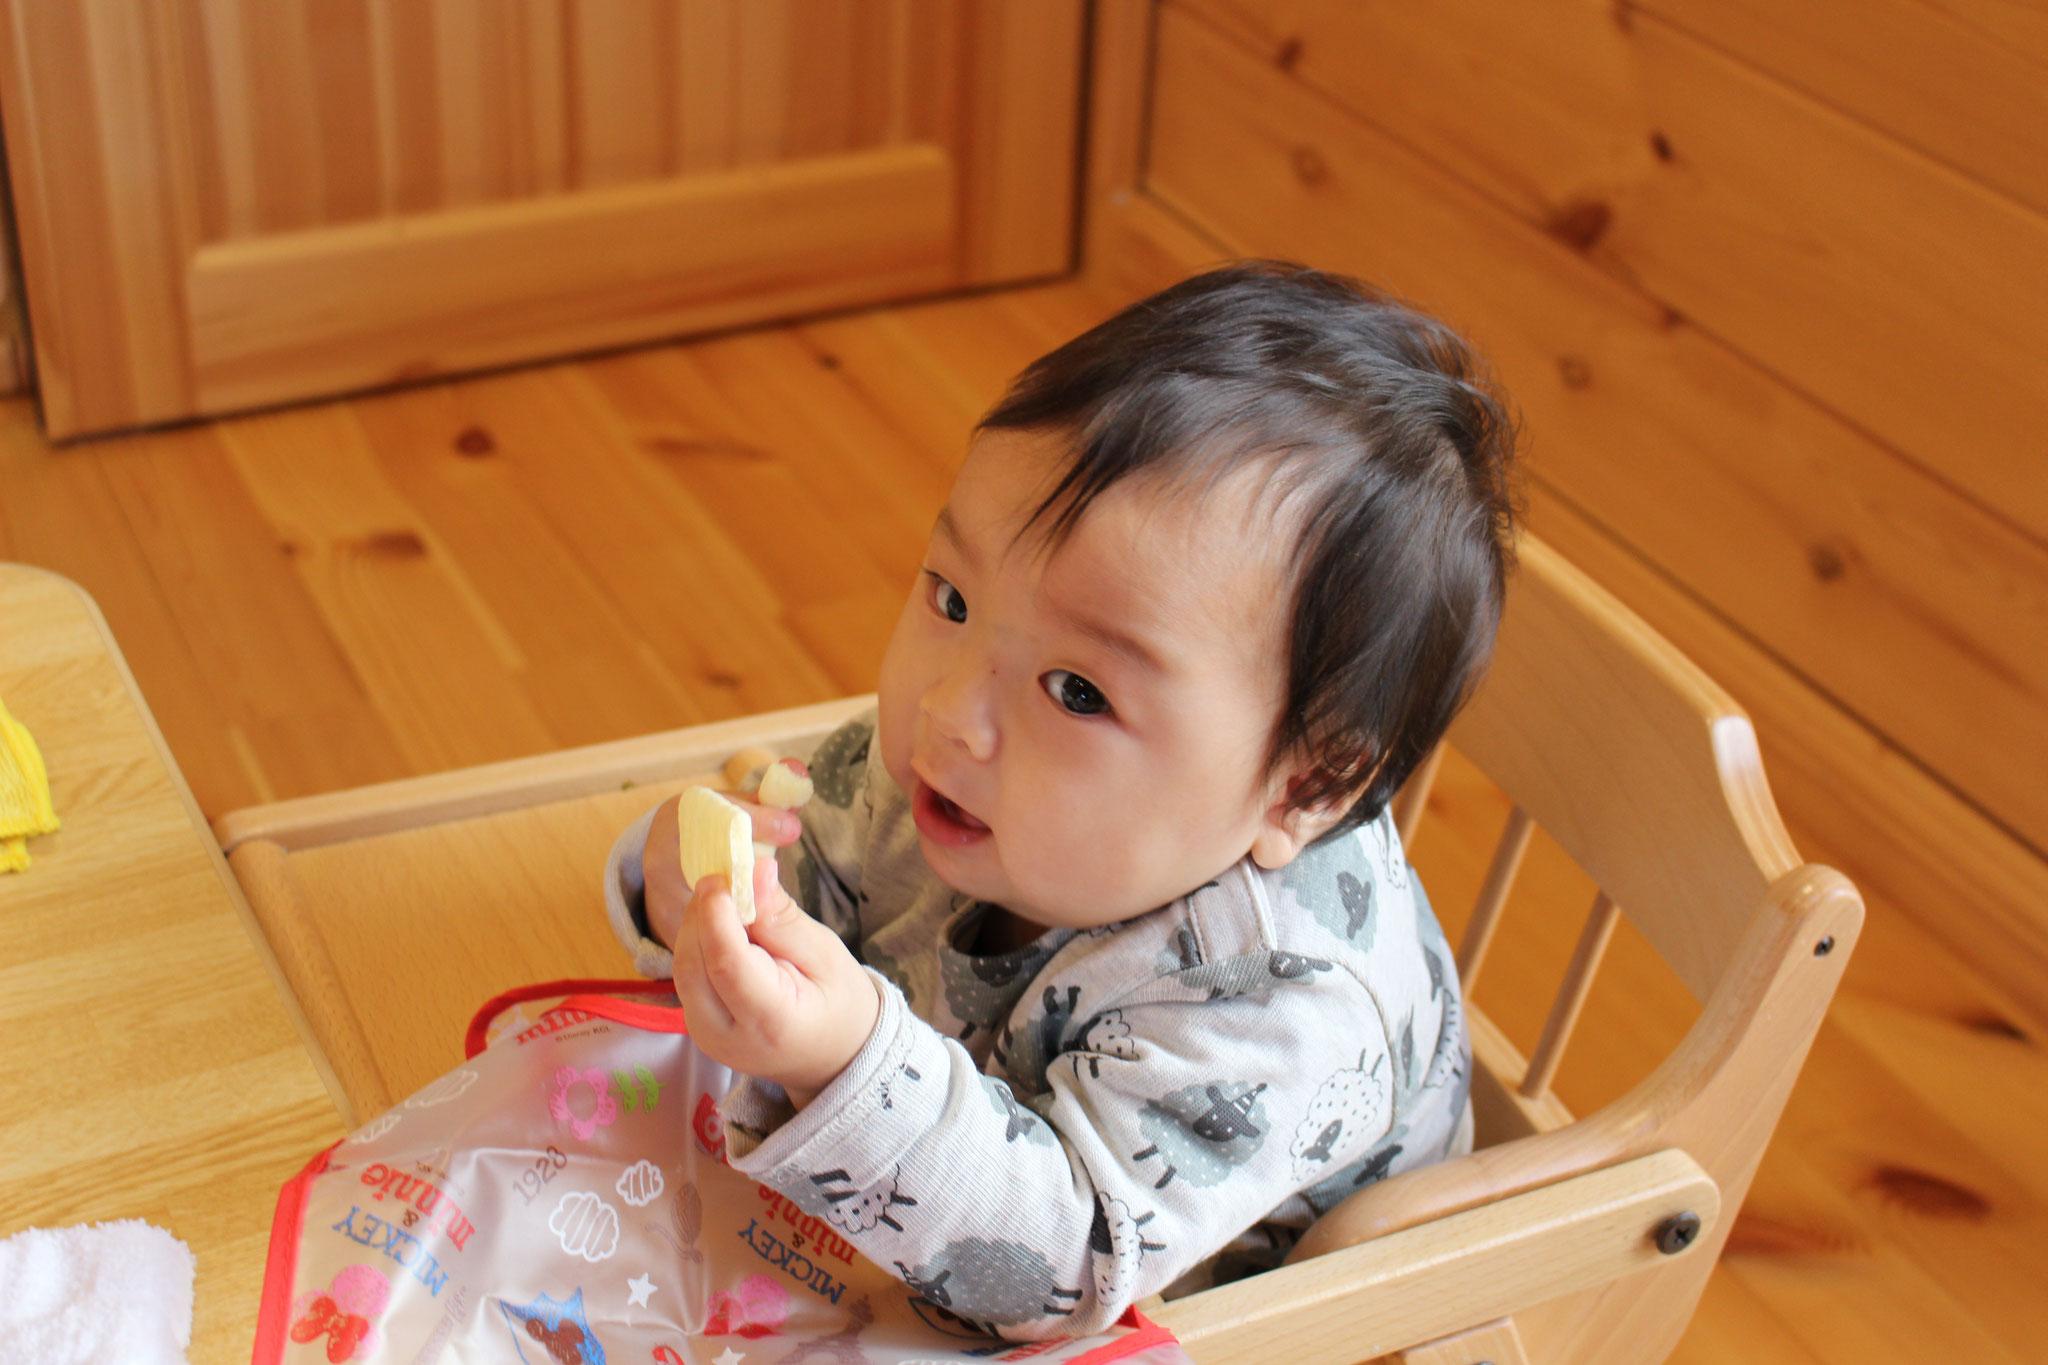 おやつも バクバク パックン 元気に 元気に 育つ Kくんの 笑顔が みんな 大好きです(*^▽^*)